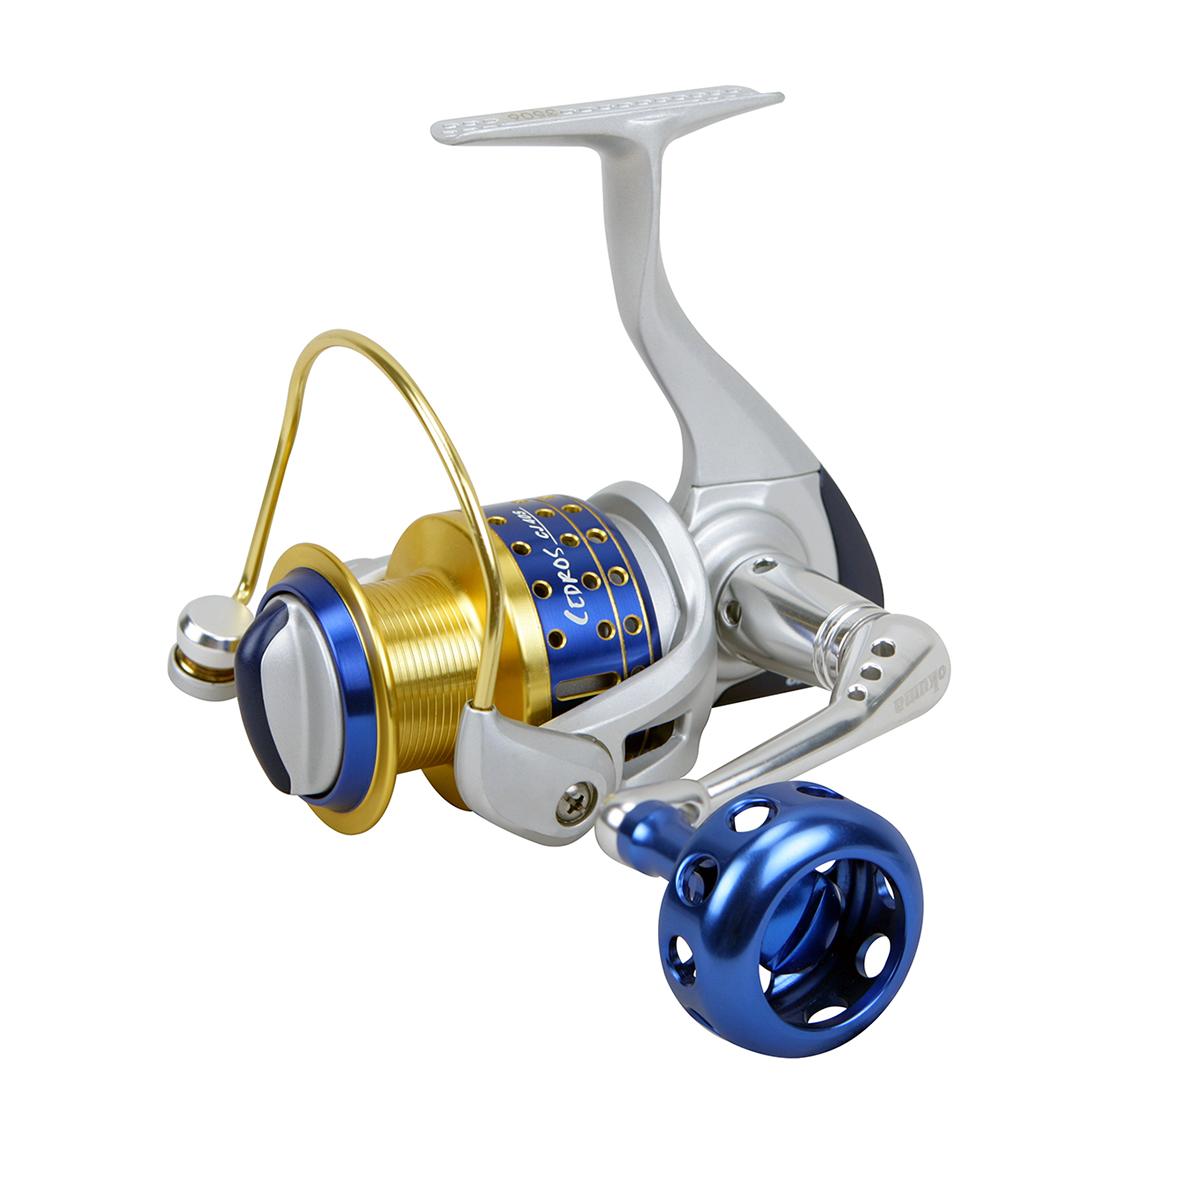 Cedros spinning reel okuma fishing rods and reels for Okuma fishing reel